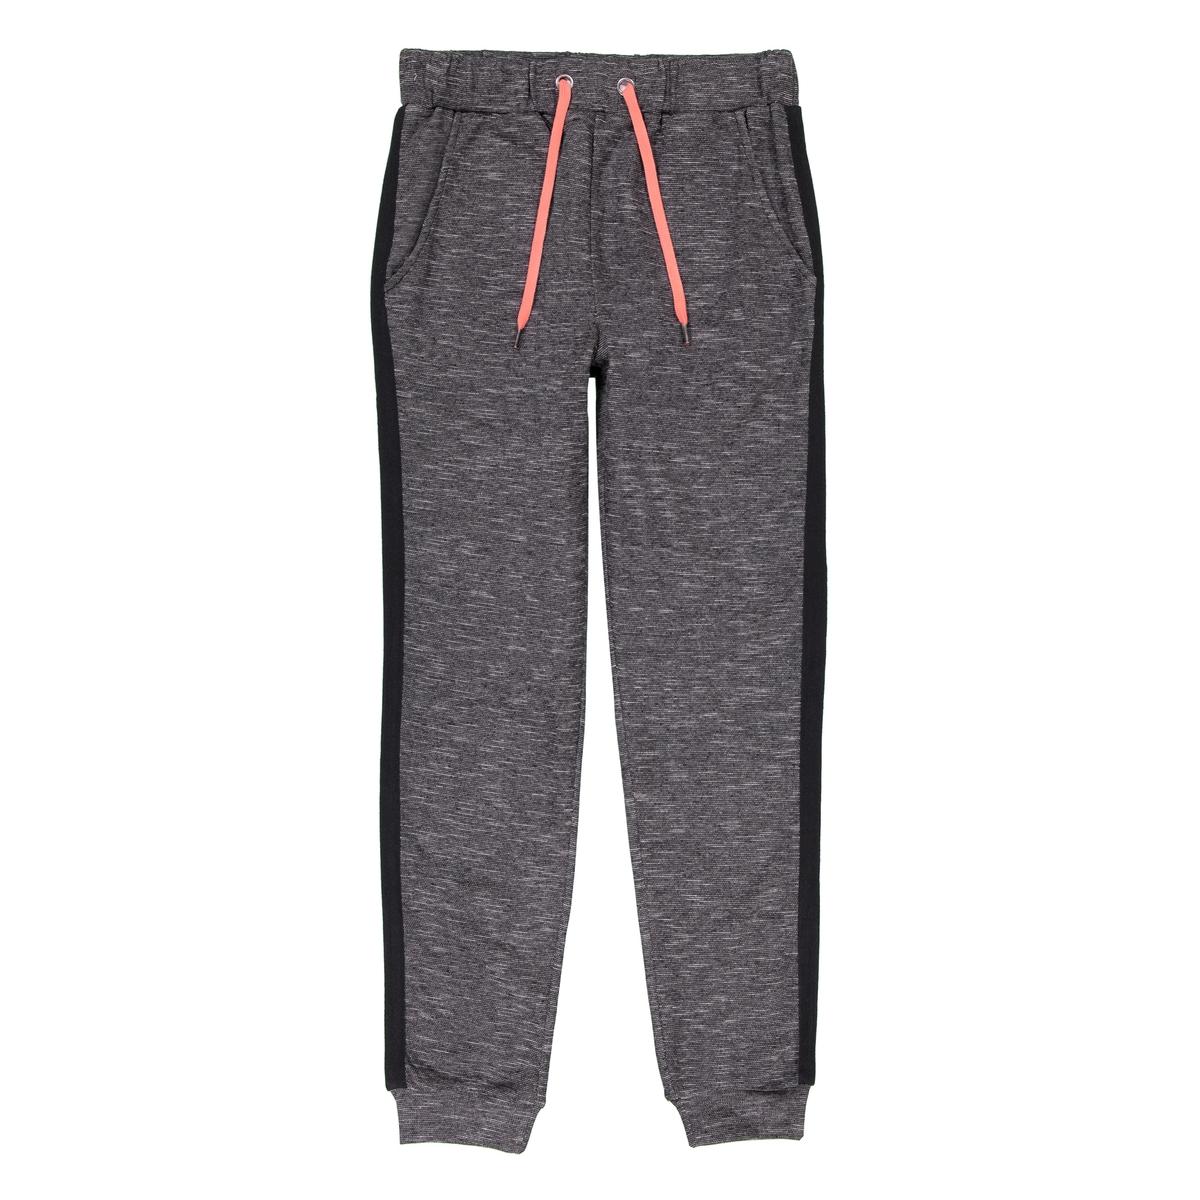 Купить спортивные брюки интернет магазин